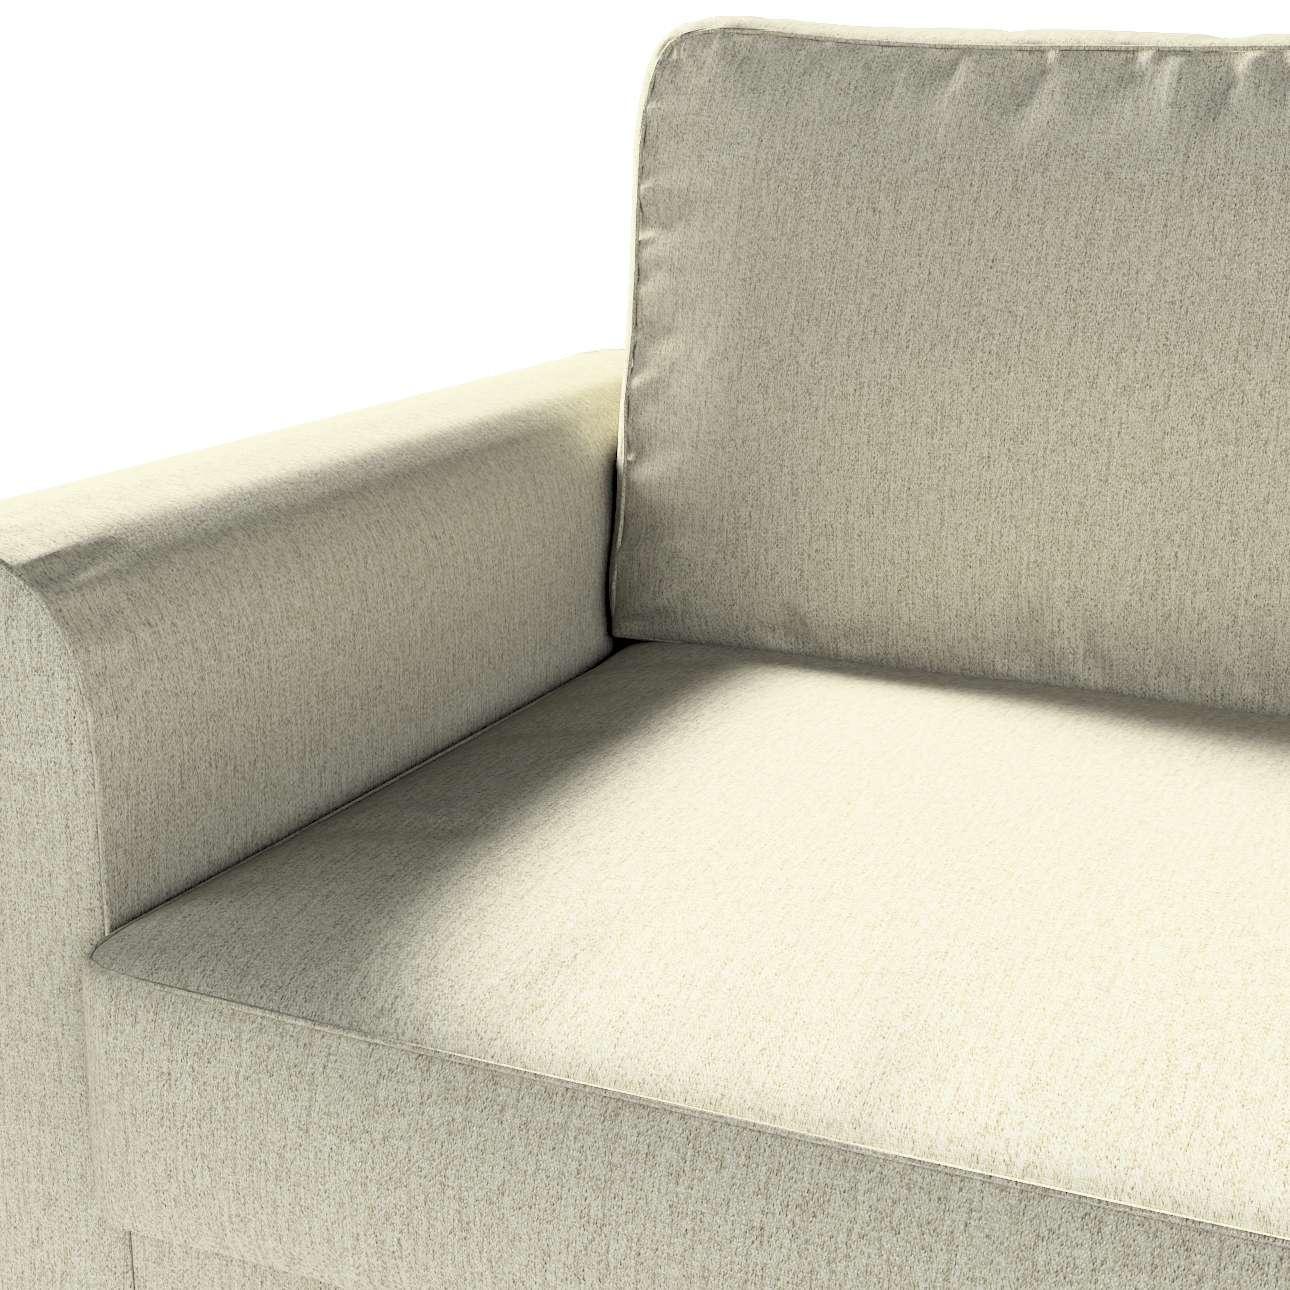 Bezug für Backabro 3-Sitzer Sofa ausklappbar von der Kollektion Living, Stoff: 161-62